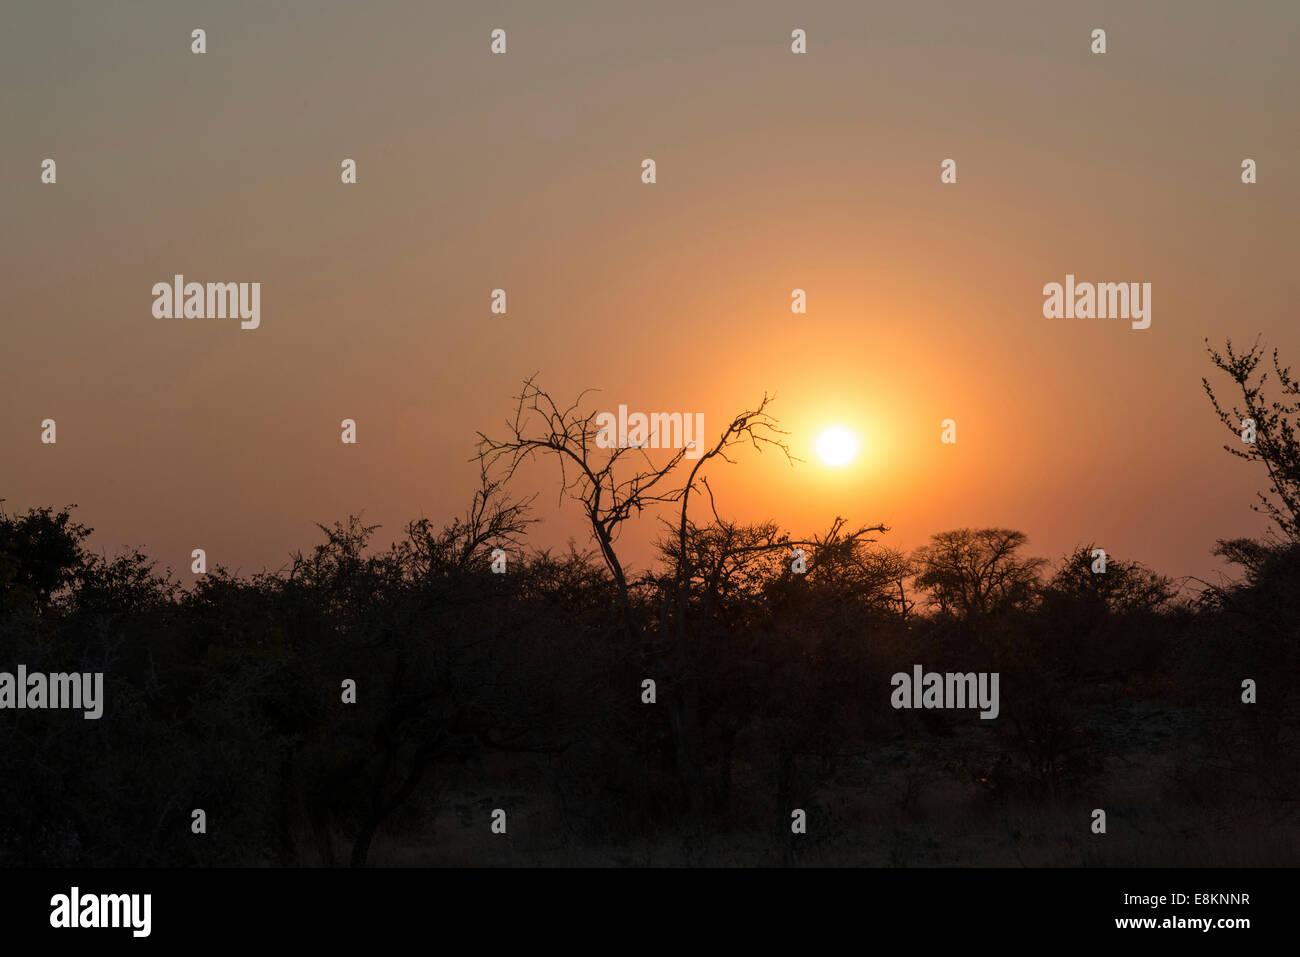 Sunset, Etosha National Park, Namibia - Stock Image